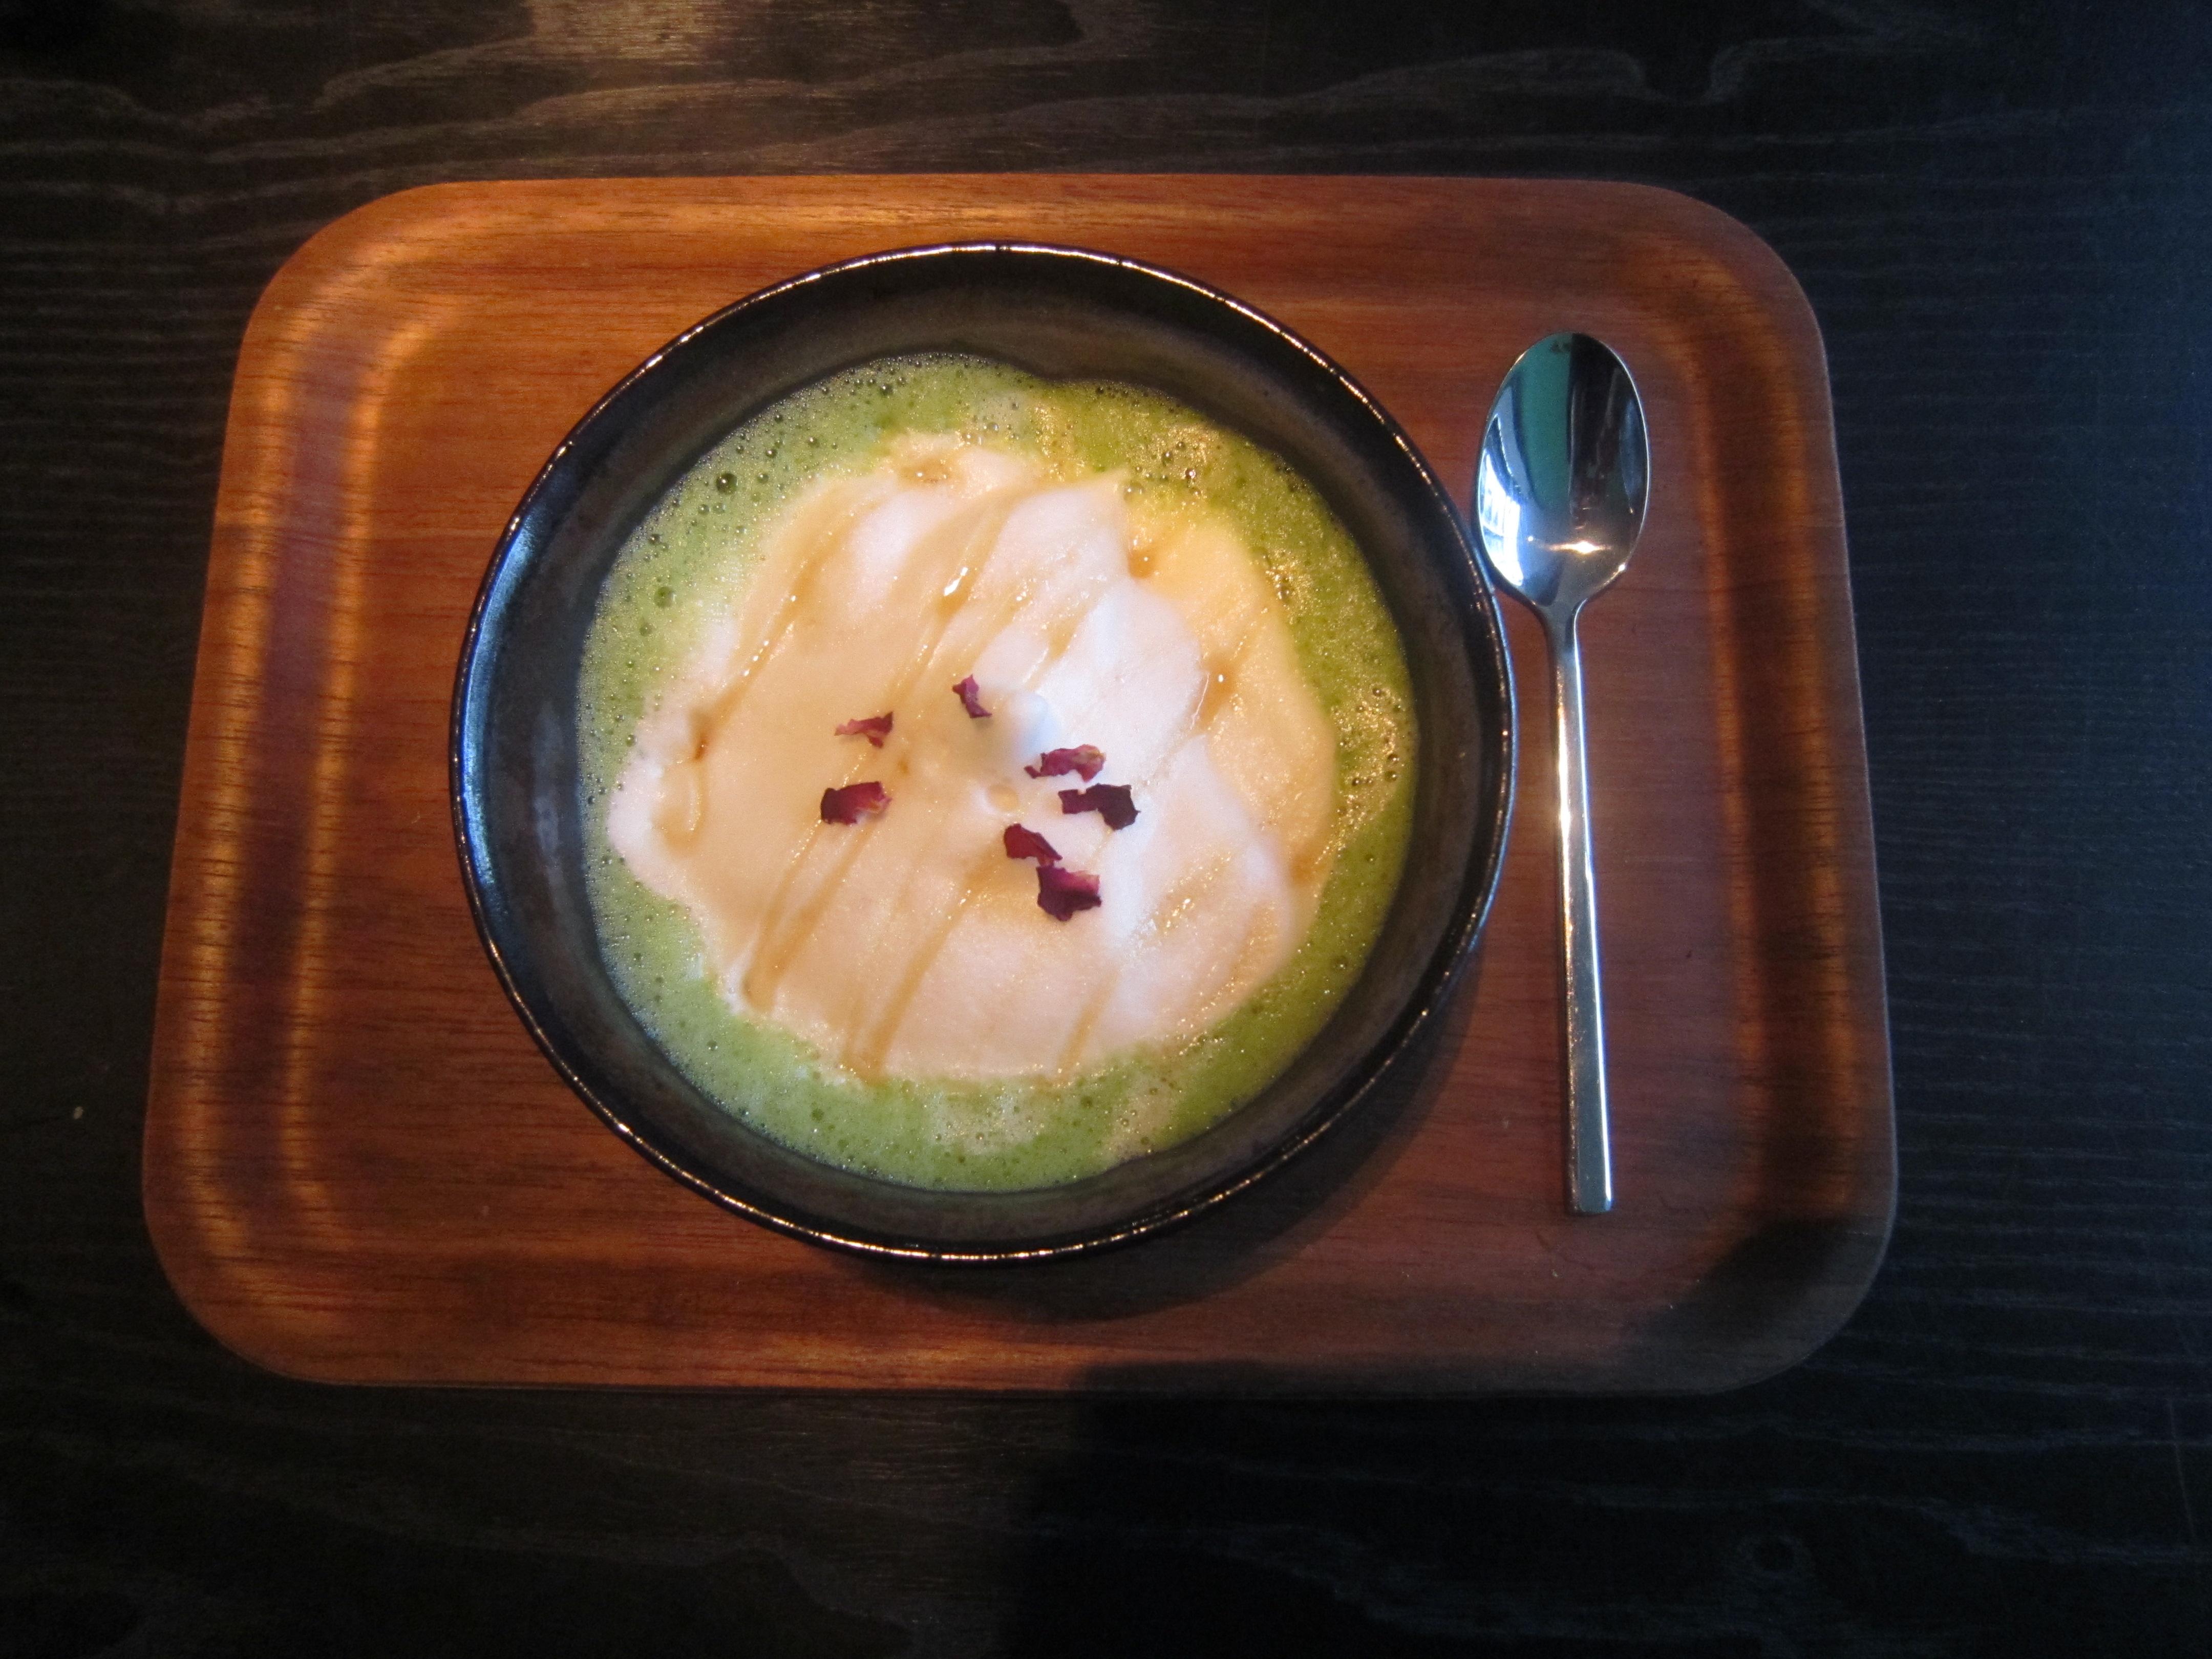 Japanische Tees und vegane Speisen - diesen Mix gibts bei Dear Matsu